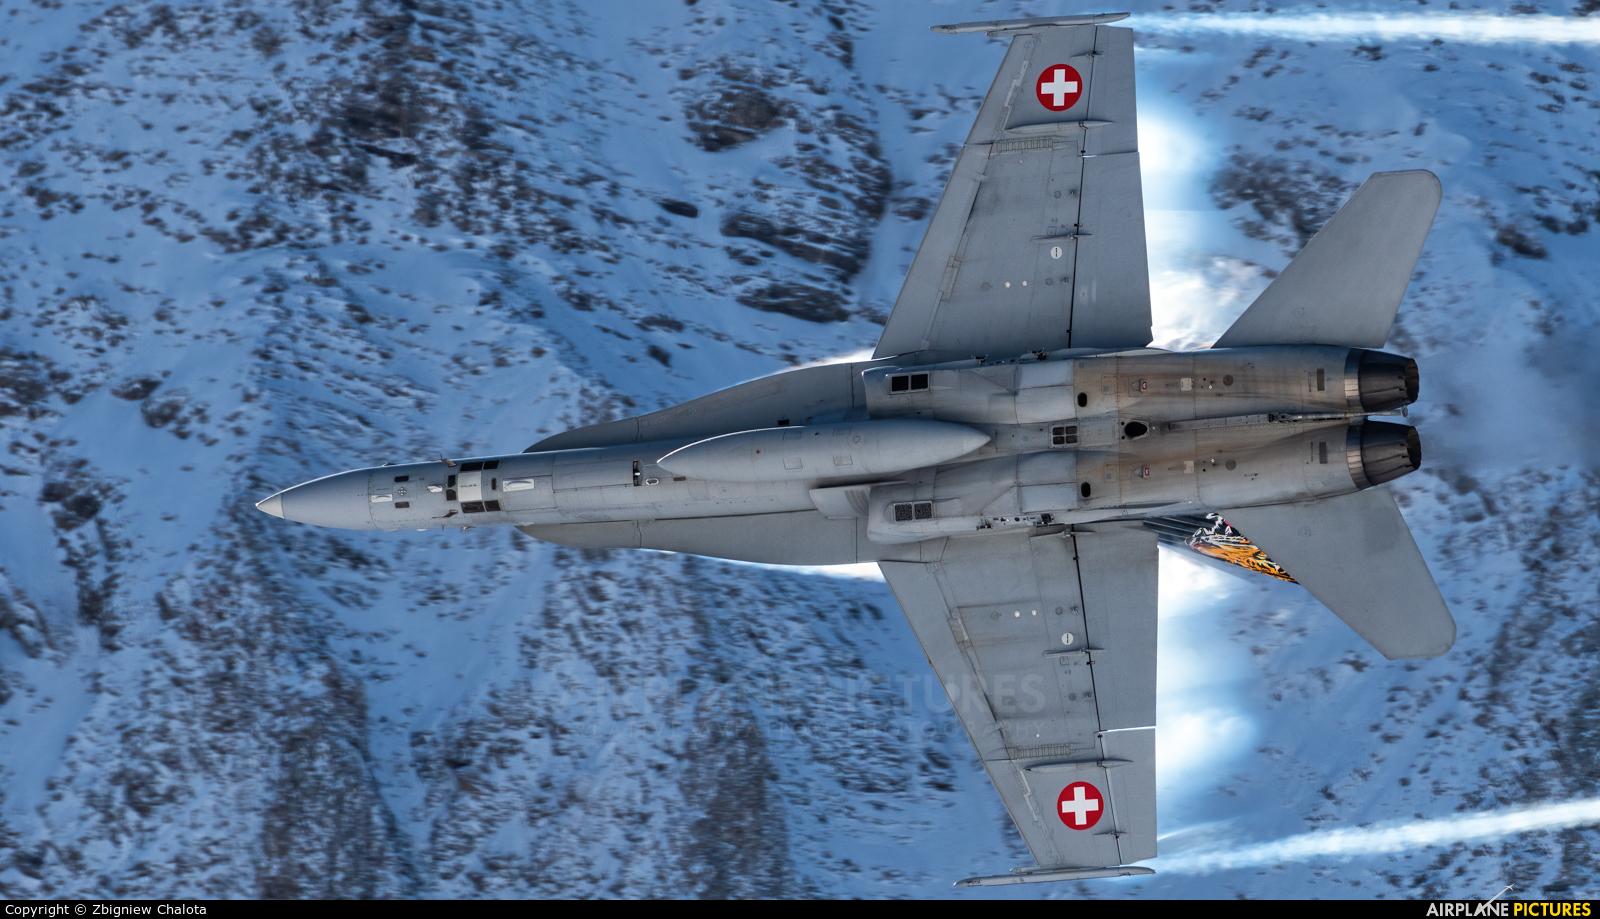 Switzerland - Air Force J-5011 aircraft at Ebenfluhe Range, Axalp